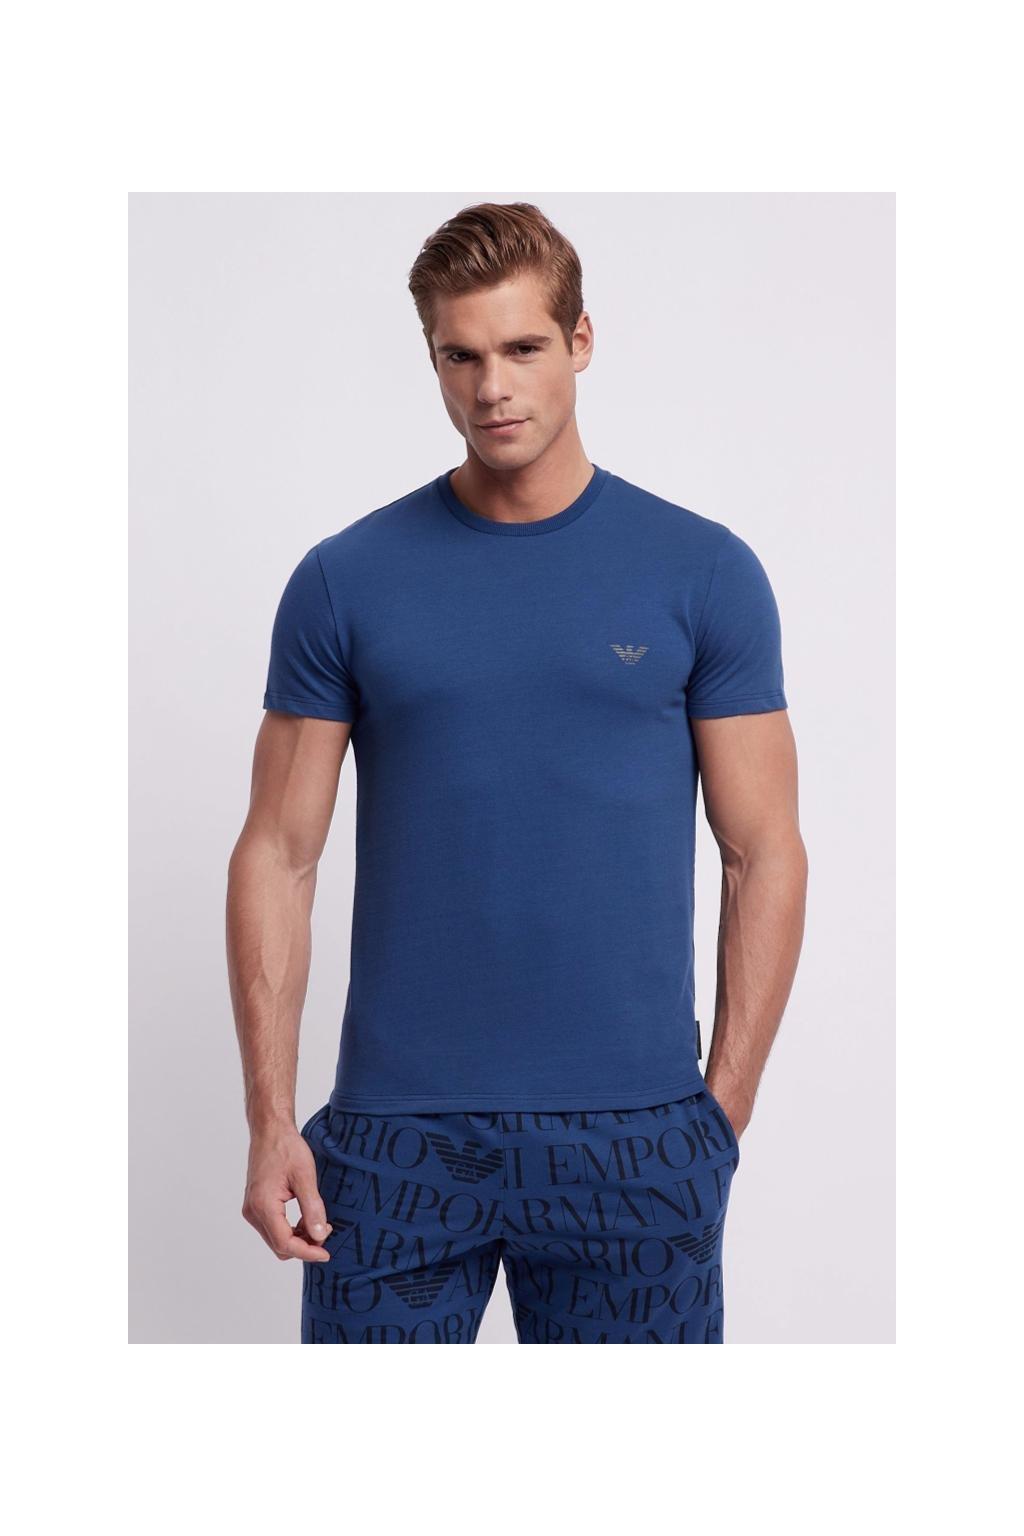 Emporio Armani all over logo tričko - modré